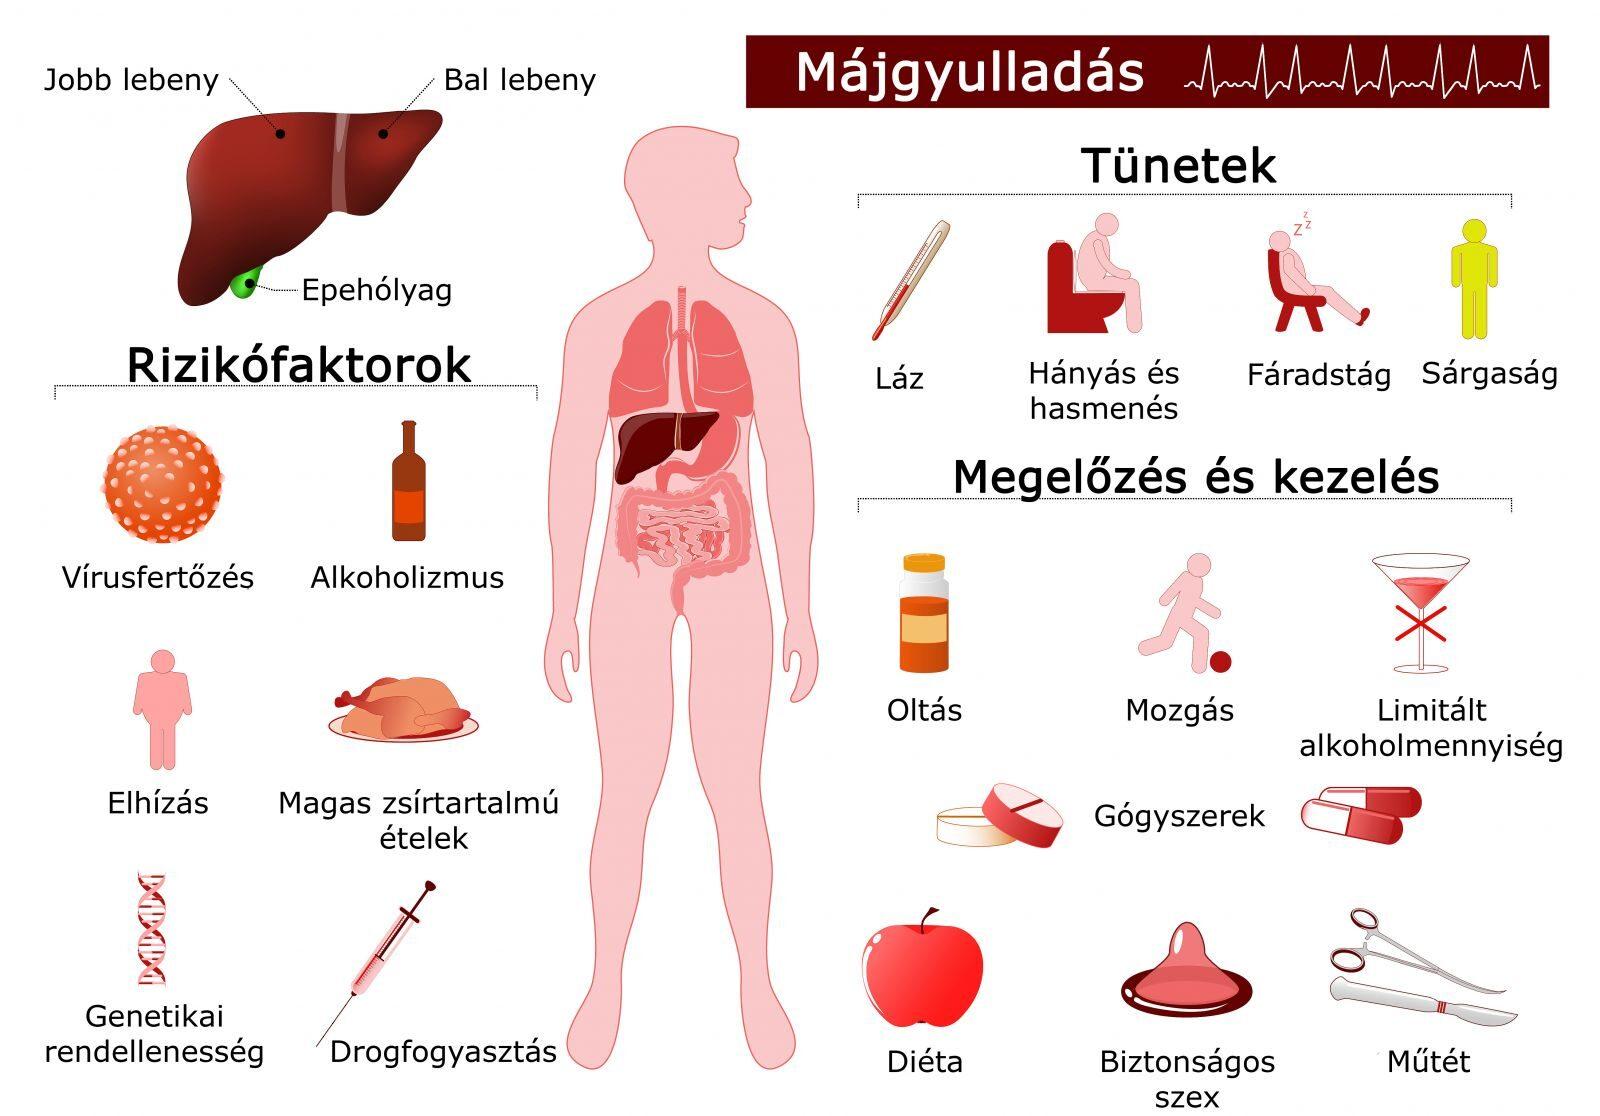 ízületi fájdalom a hepatitis c miatt